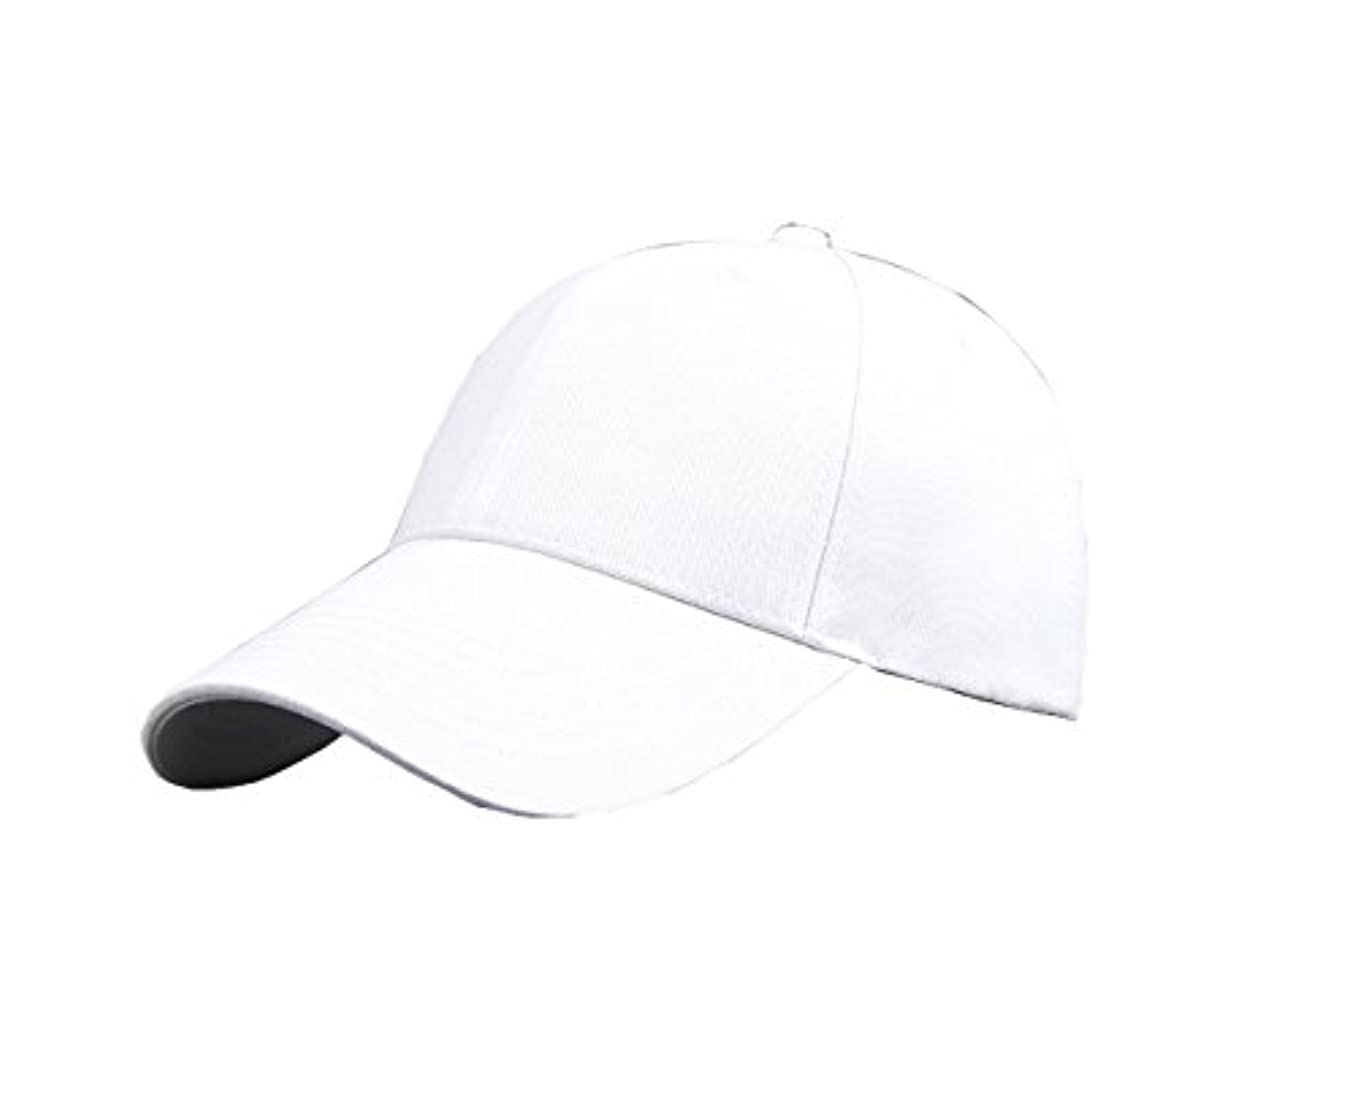 コントローラハッピー所有者メンズレディースクラシックベースボールキャップSun太陽保護大きいバイザーコットンキャップハットHeadwear通気性すばやくドライアウトドアスポーツサイクリングキャンプ釣り旅行テニスゴルフハットキャップTopee uv50 +